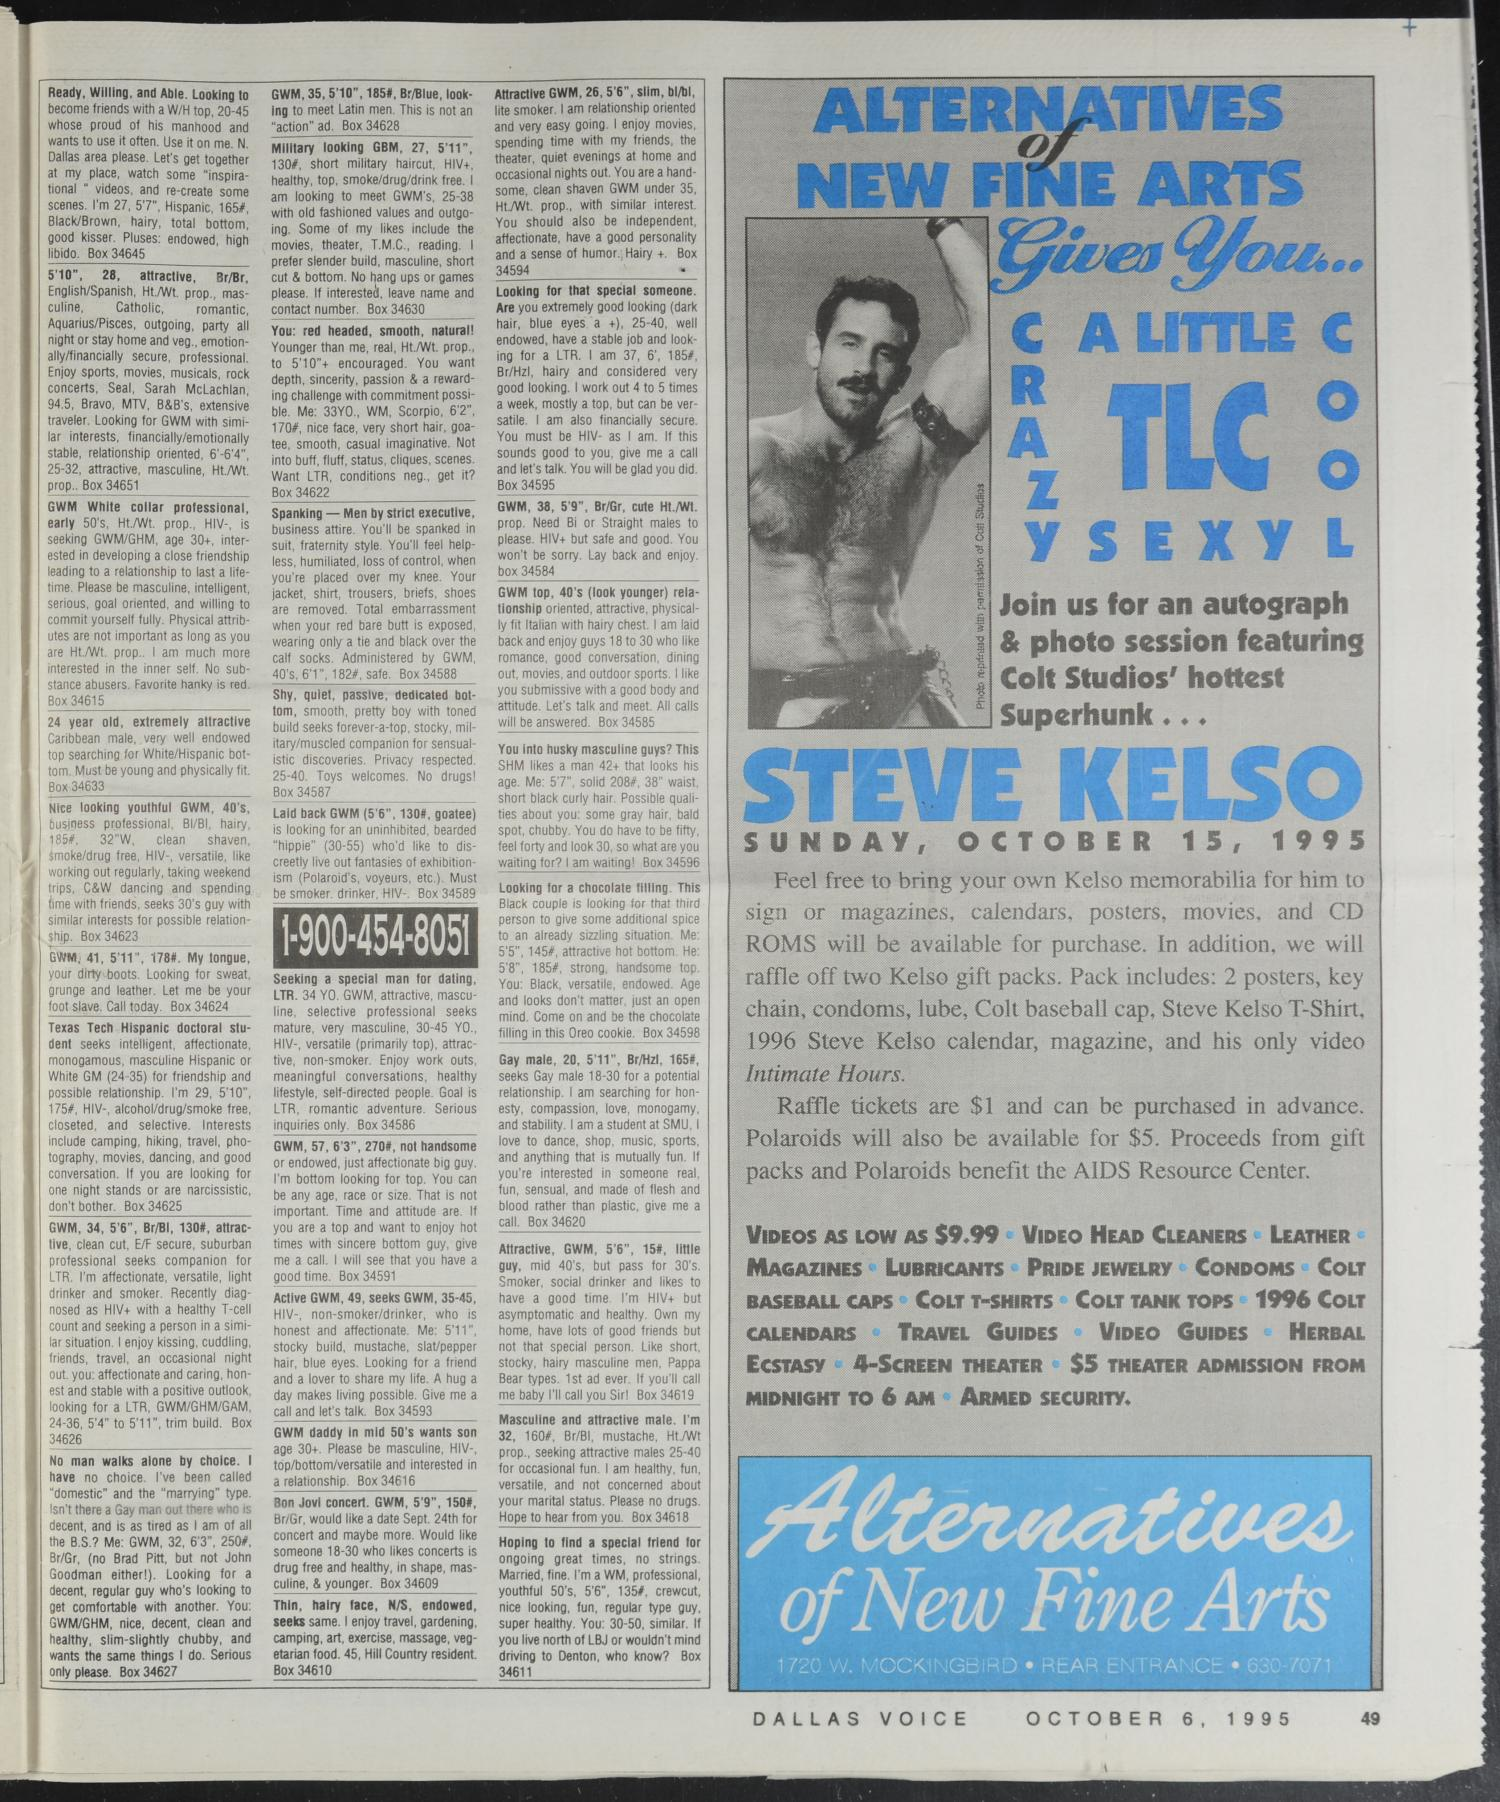 Dallas Voice (Dallas, Tex ), Vol  12, No  23, Ed  1 Friday